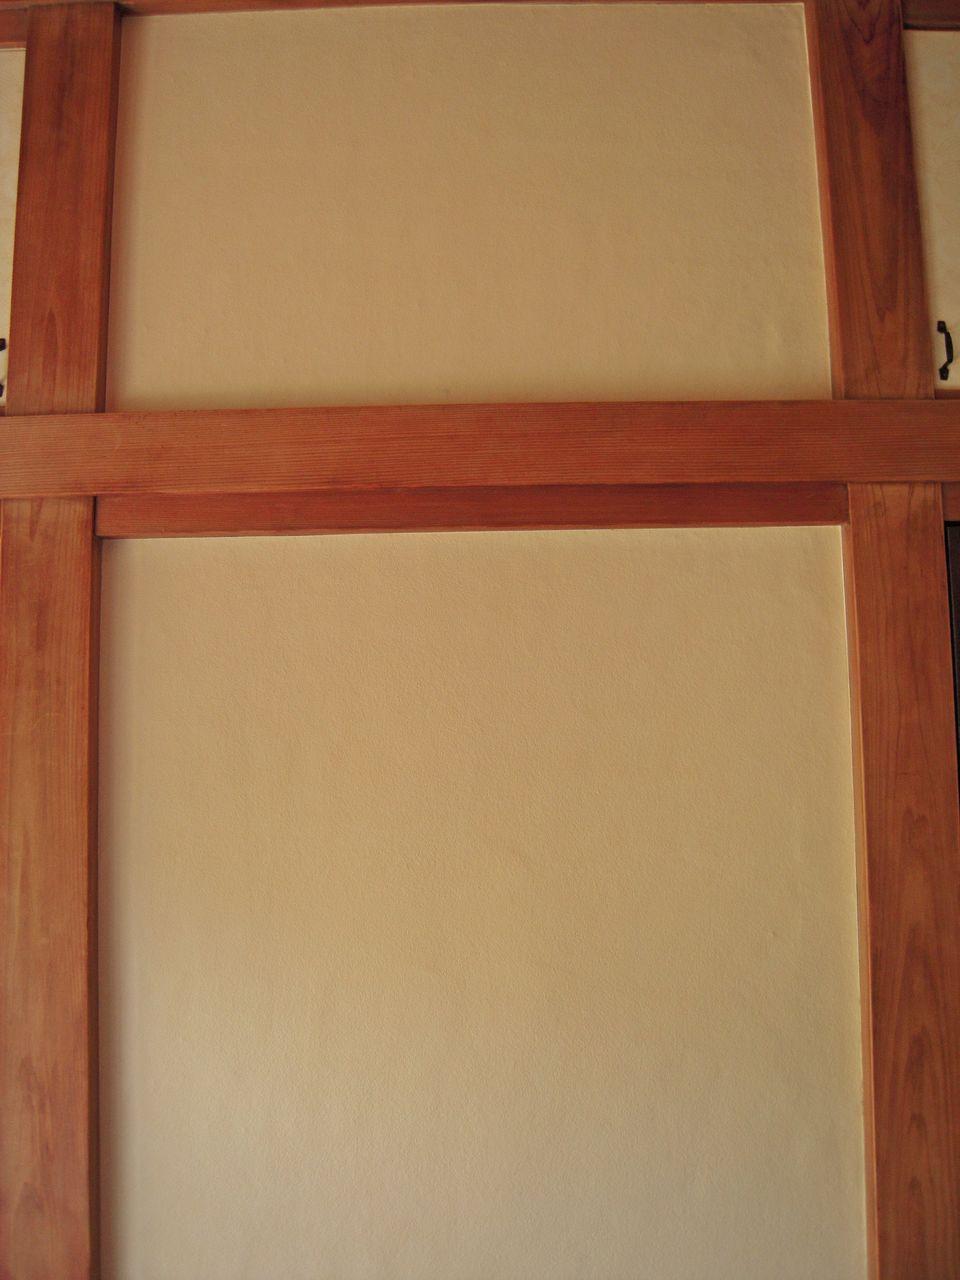 砂壁調の壁紙貼って和室っぽい洋室に いえけあれぽーと diyで